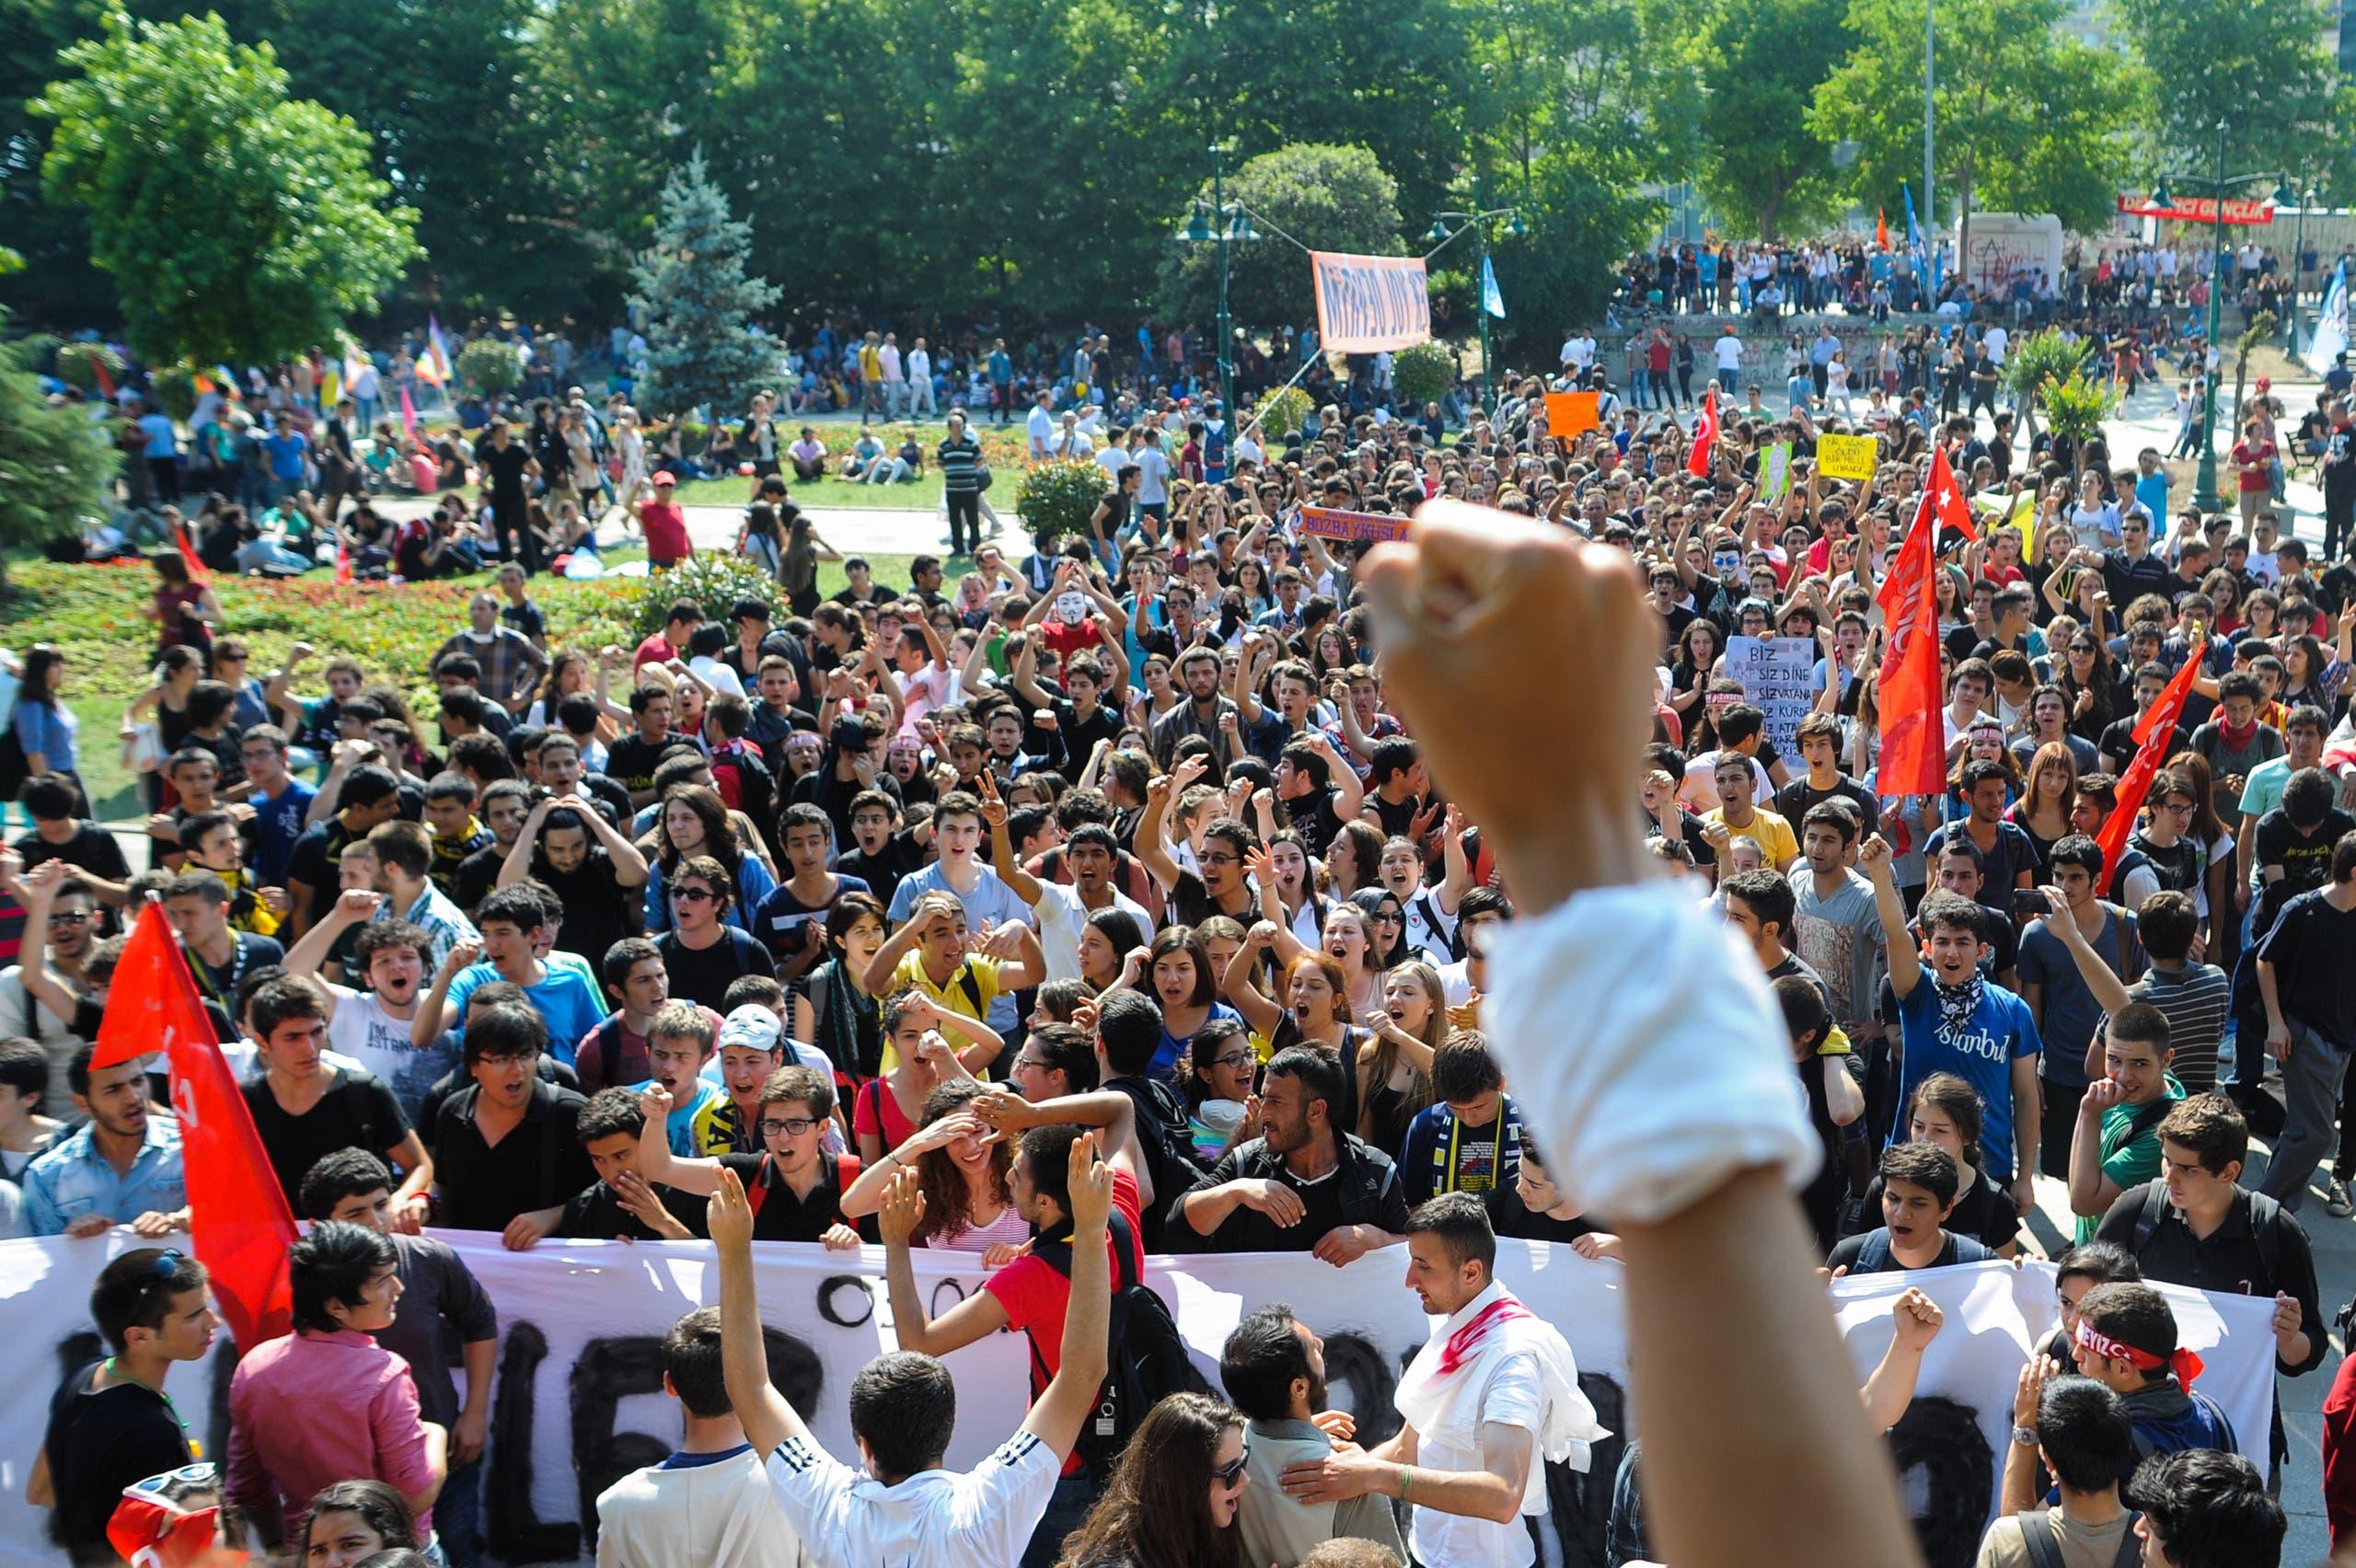 من احتجاجات غيزي في اسطنبول عام 2013